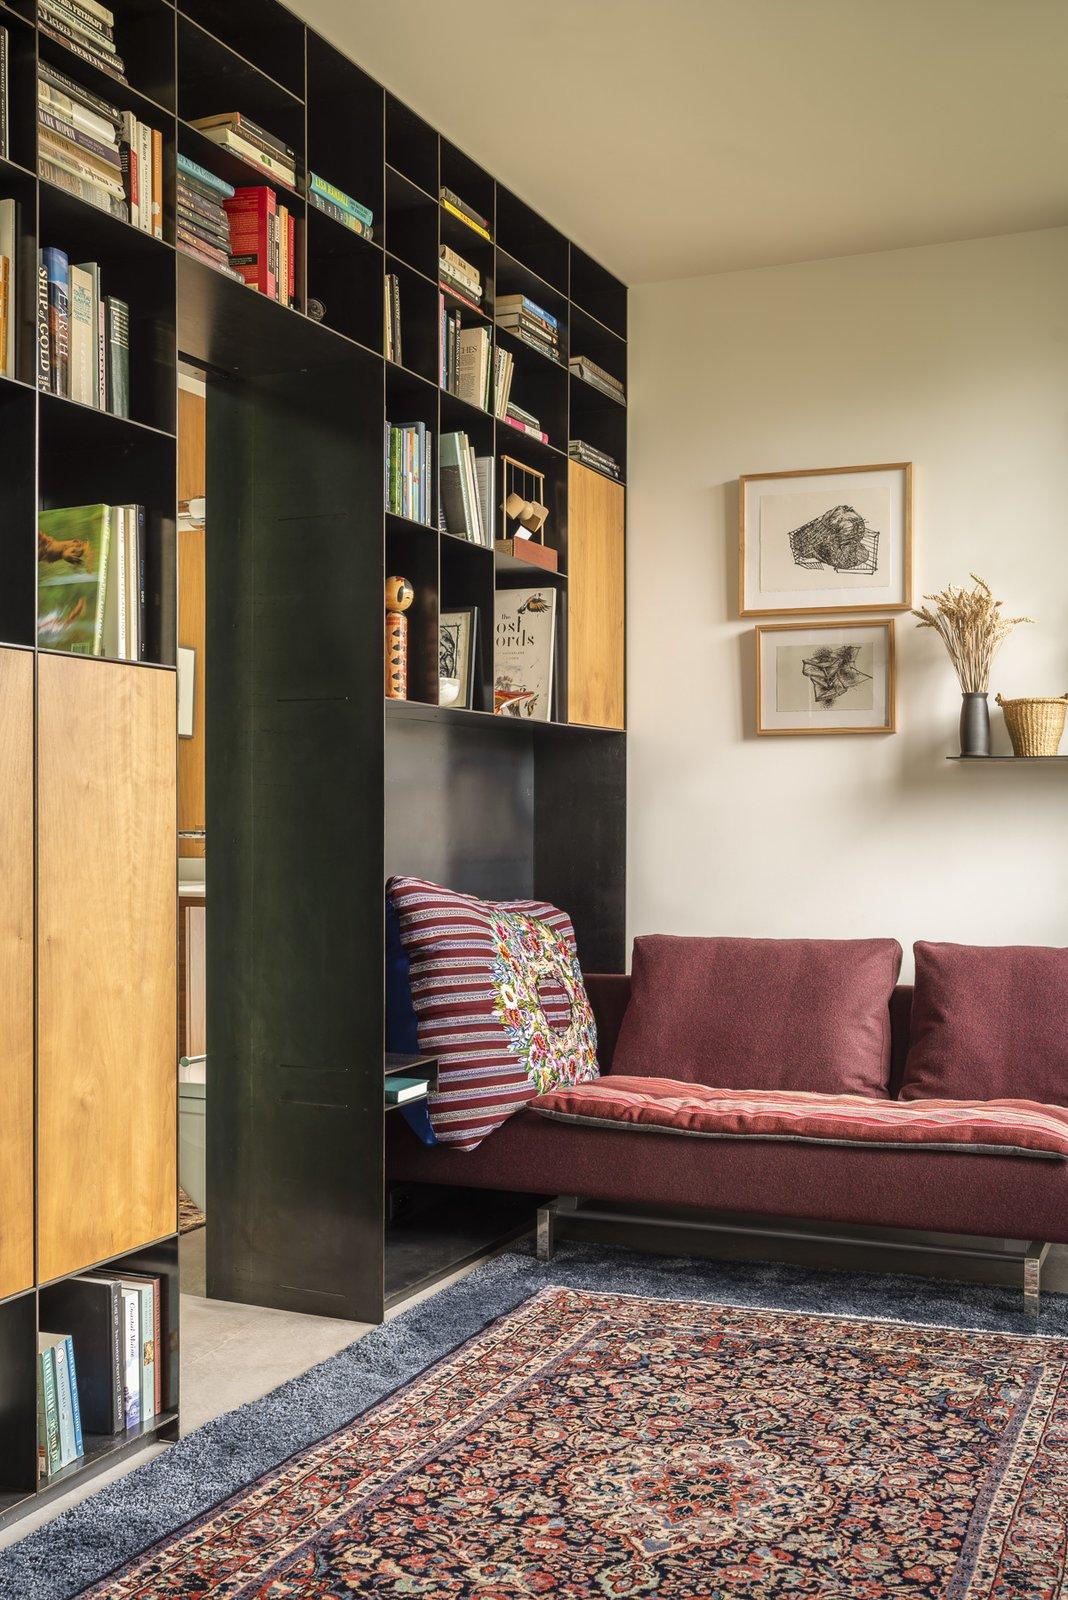 Helen Street Residence library